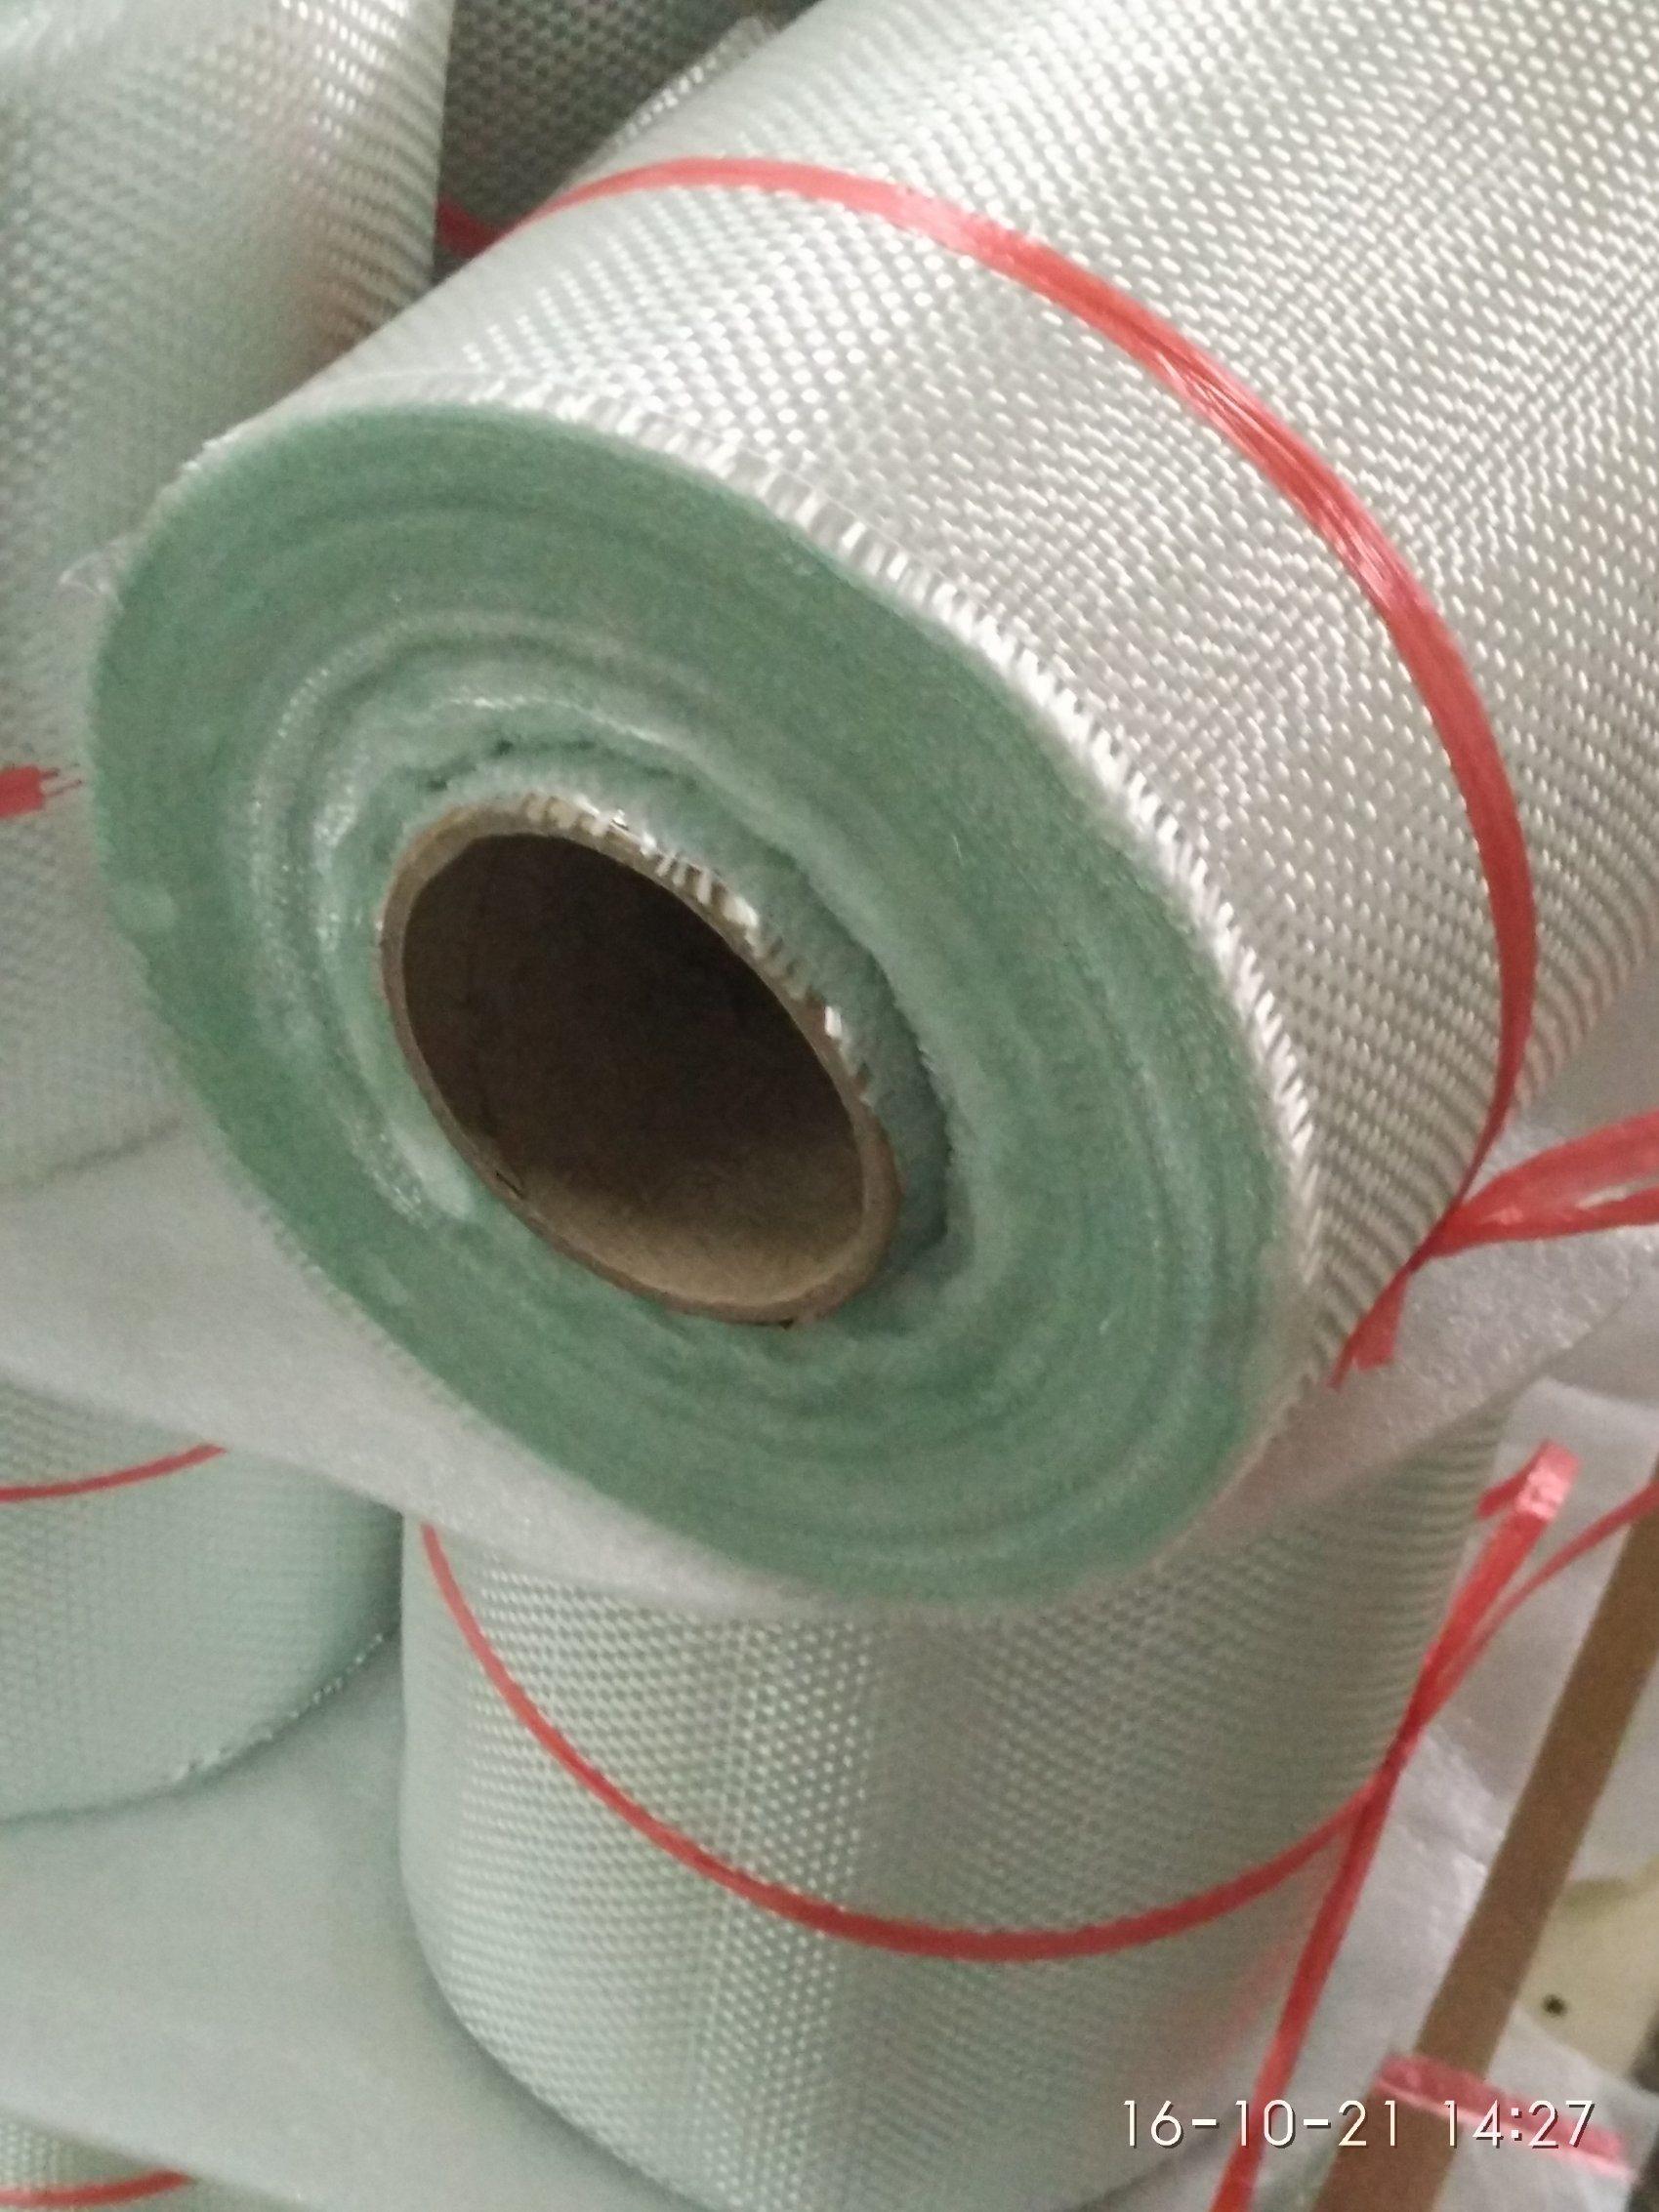 Very Soft E-Glass Fiber Glass Woven Roving, Fiberglass Fabric 600g